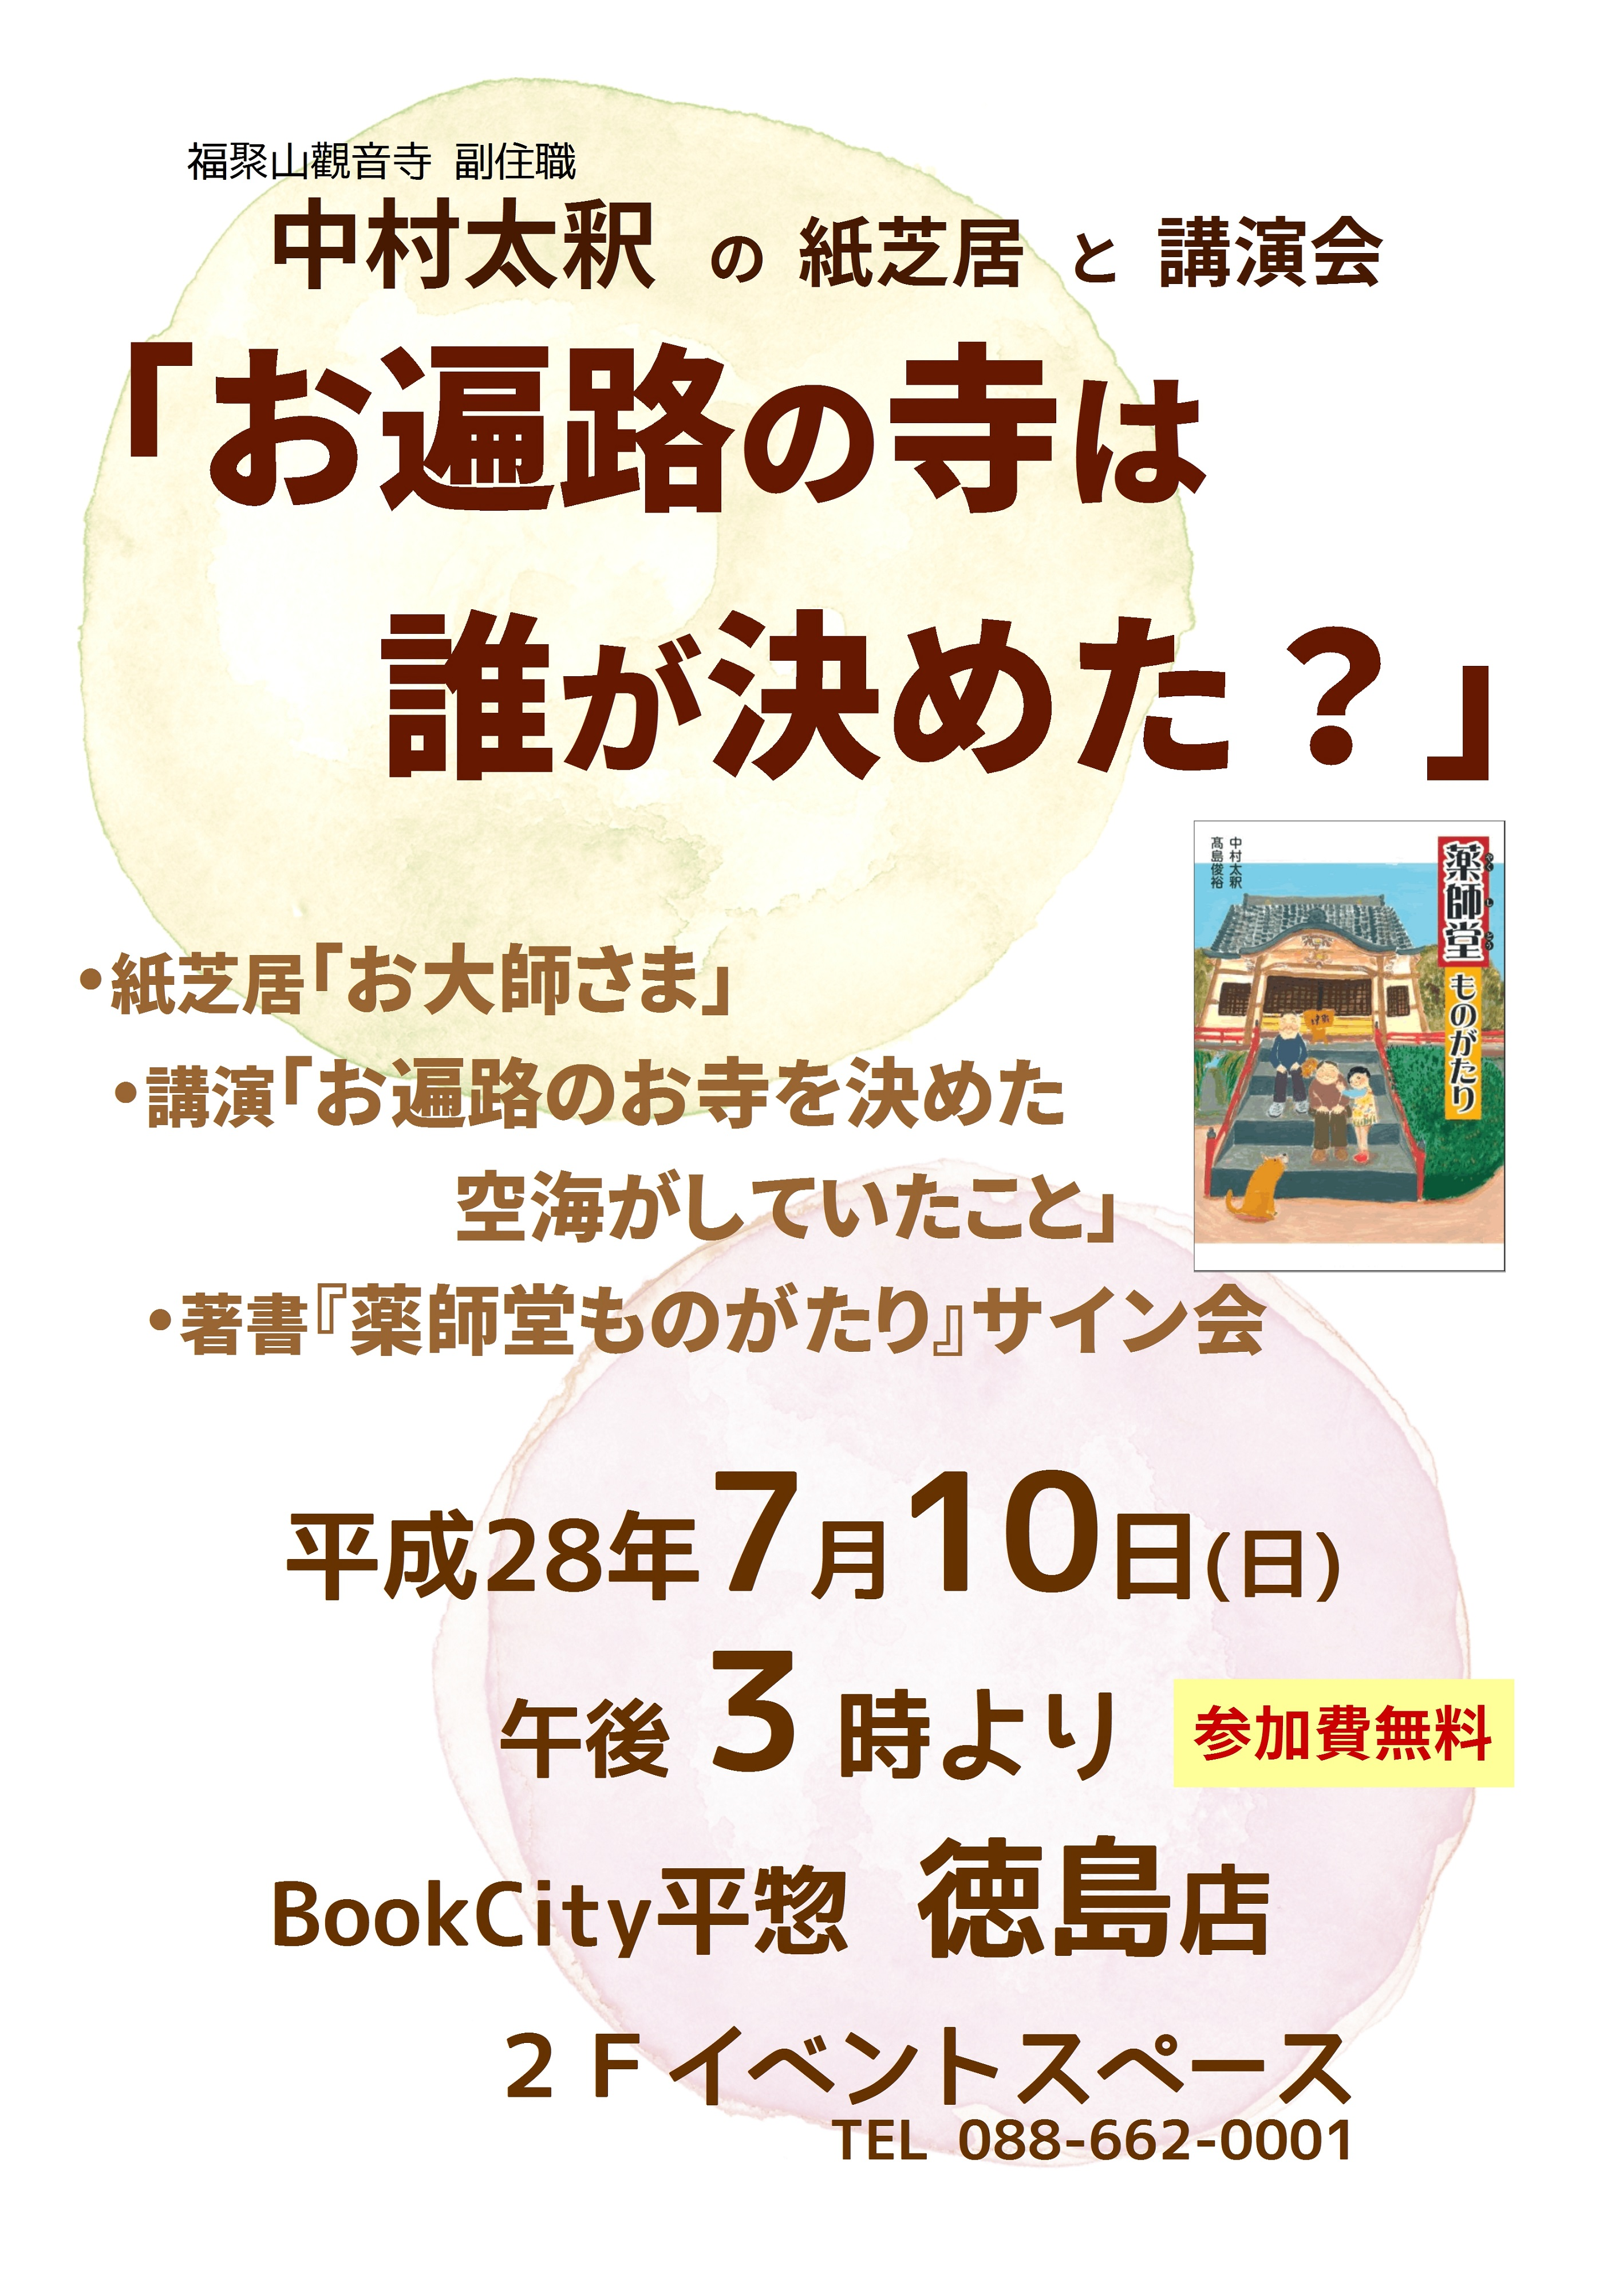 平惣書店イベント 告知ポスター